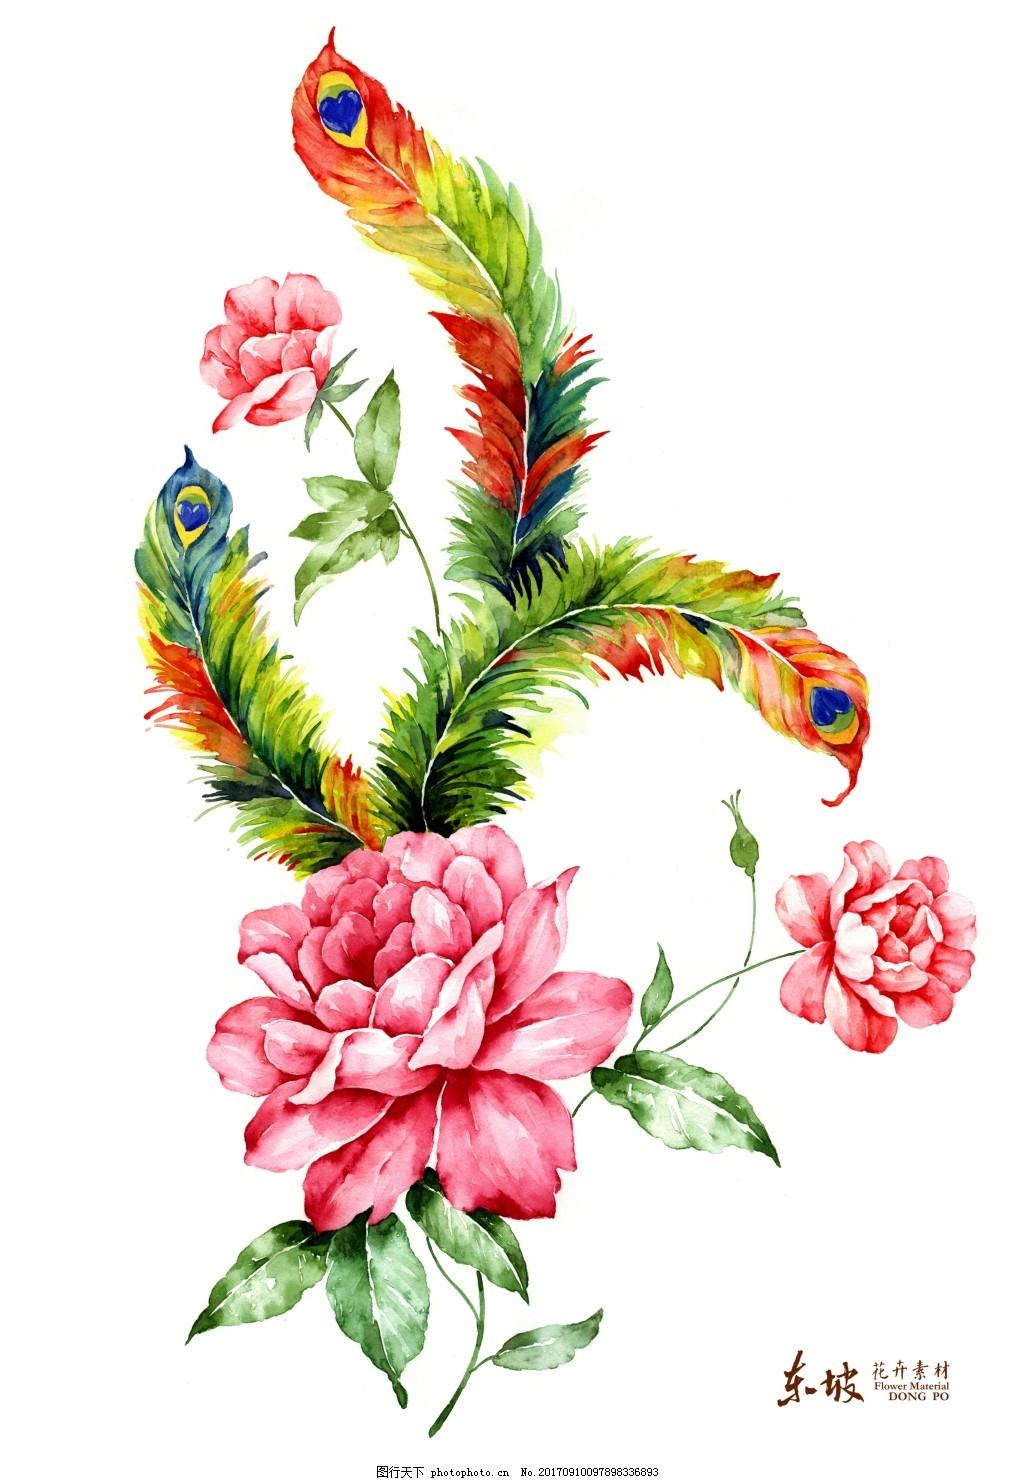 手绘彩绘花朵树叶花卉装饰画